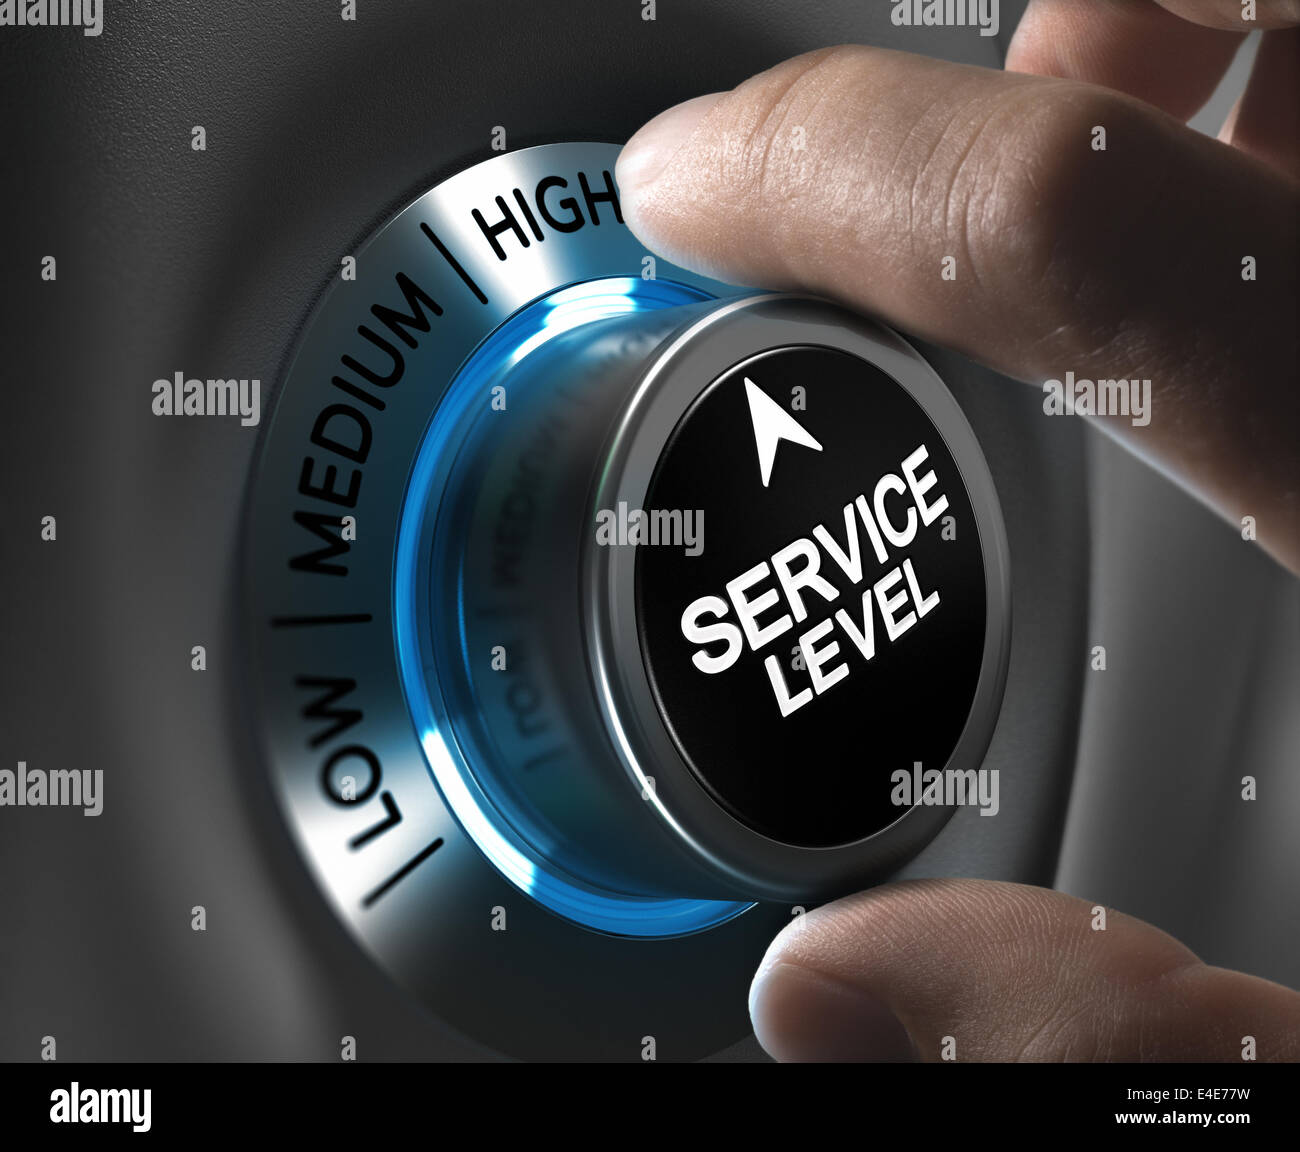 Niveau de service en pointant le bouton position haute avec effet de flou plus blue et gris. pour l'illustration Photo Stock